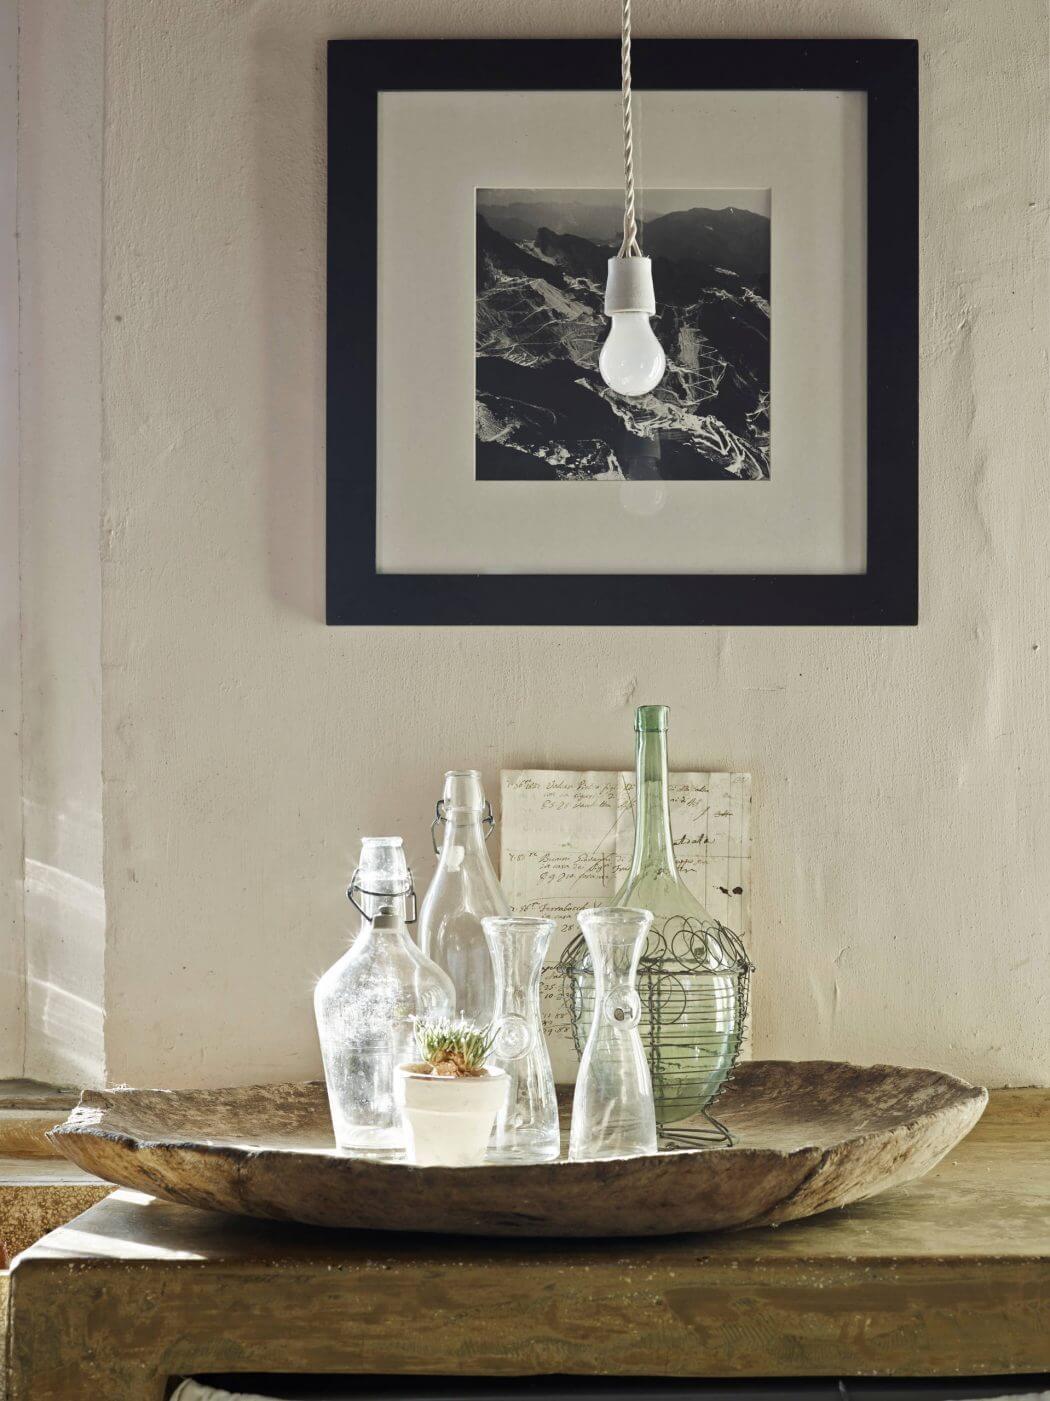 007-inspiring-home-giuseppe-baldi-1050x1401